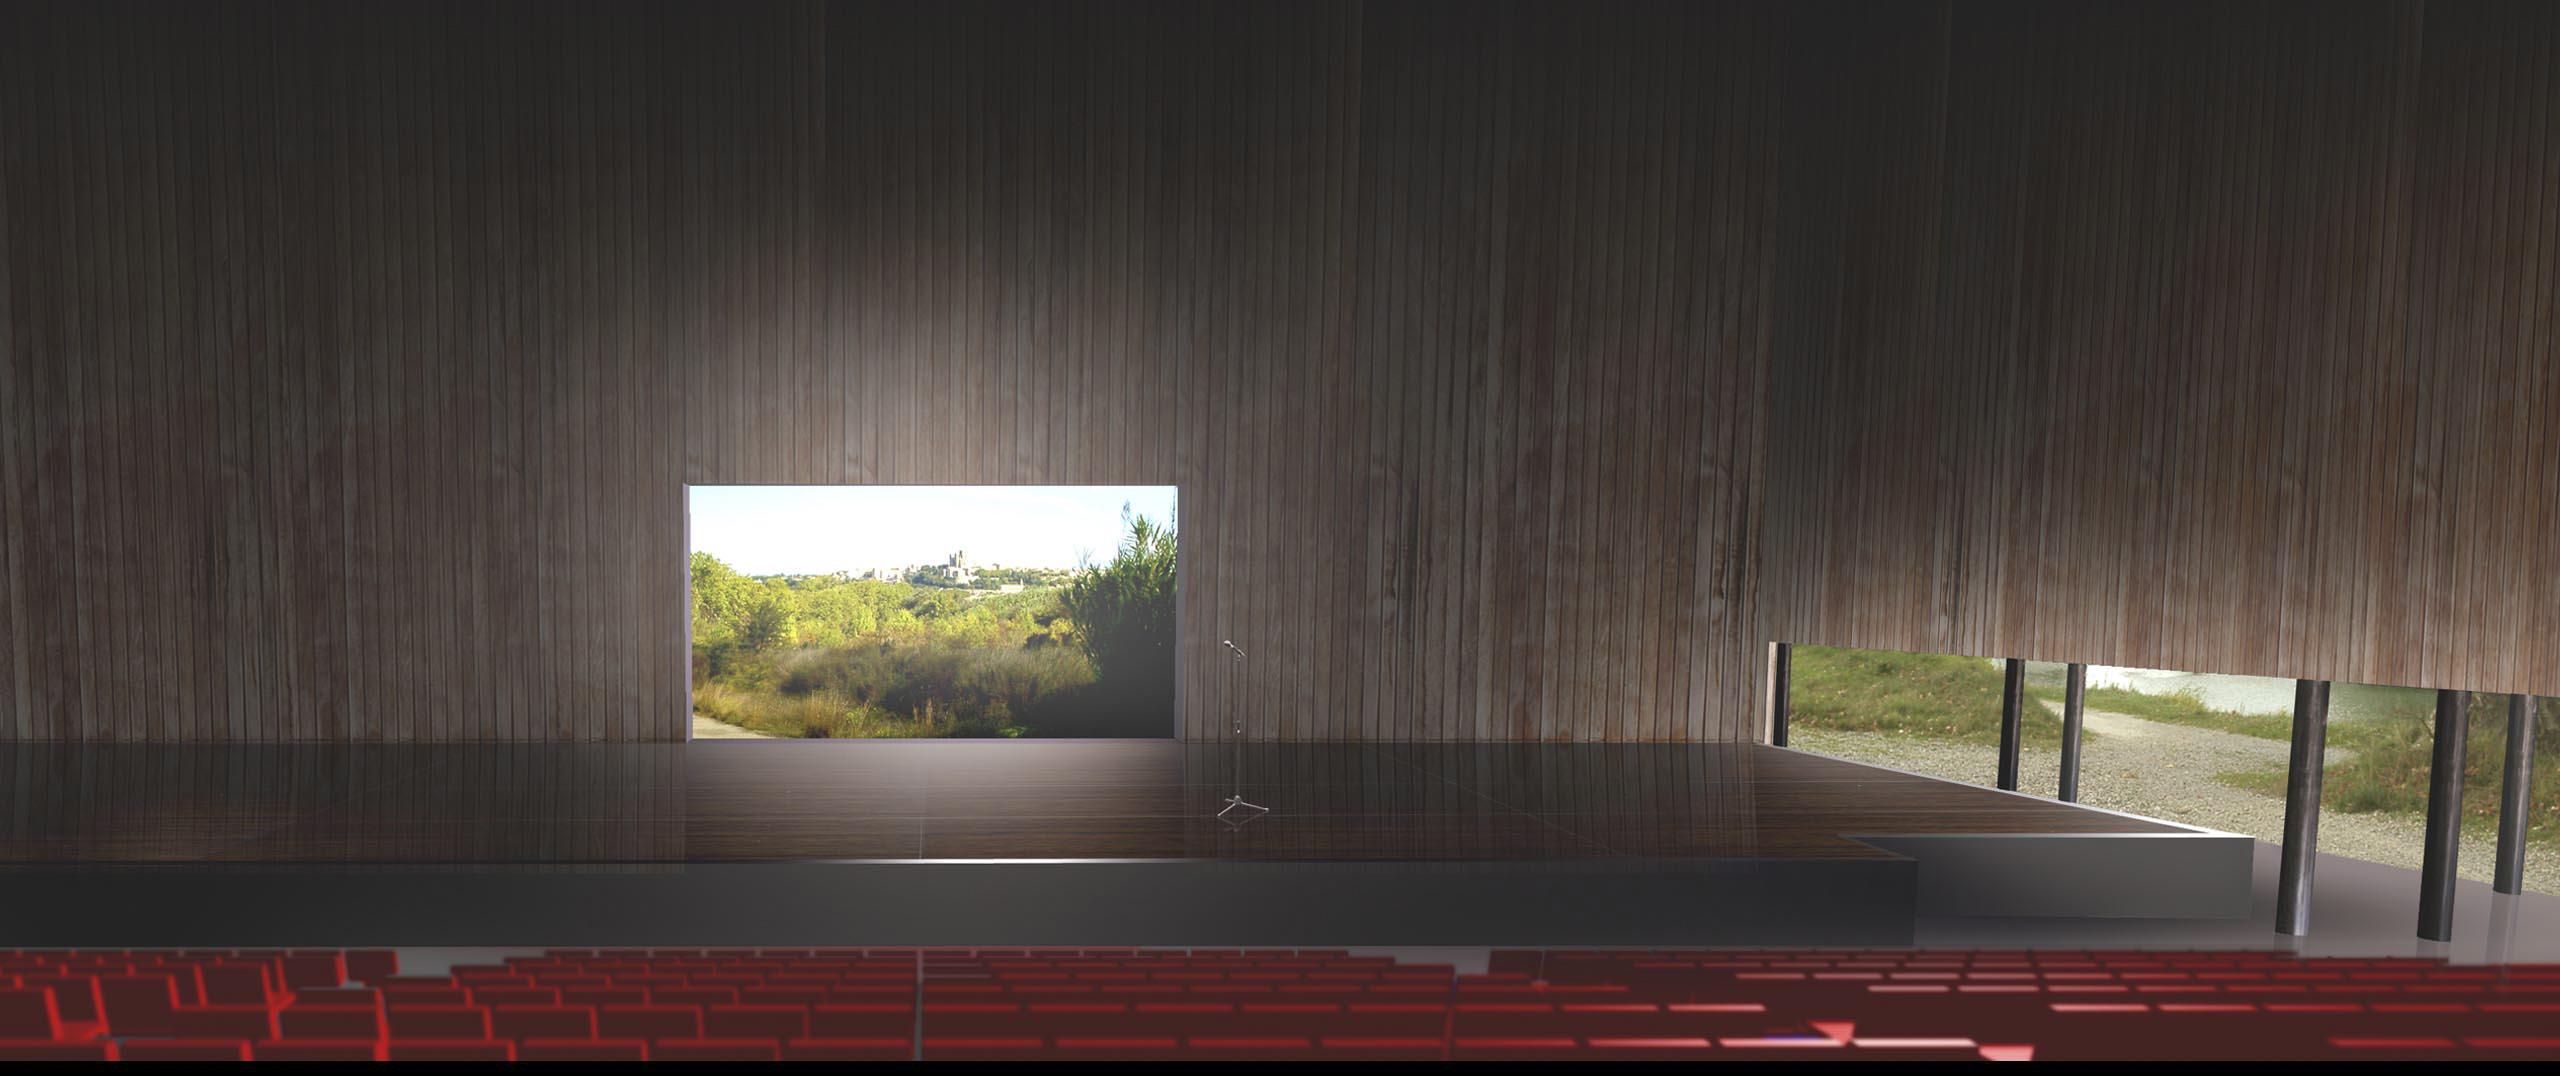 Salle de spectacle Béziers BF Architecture 5